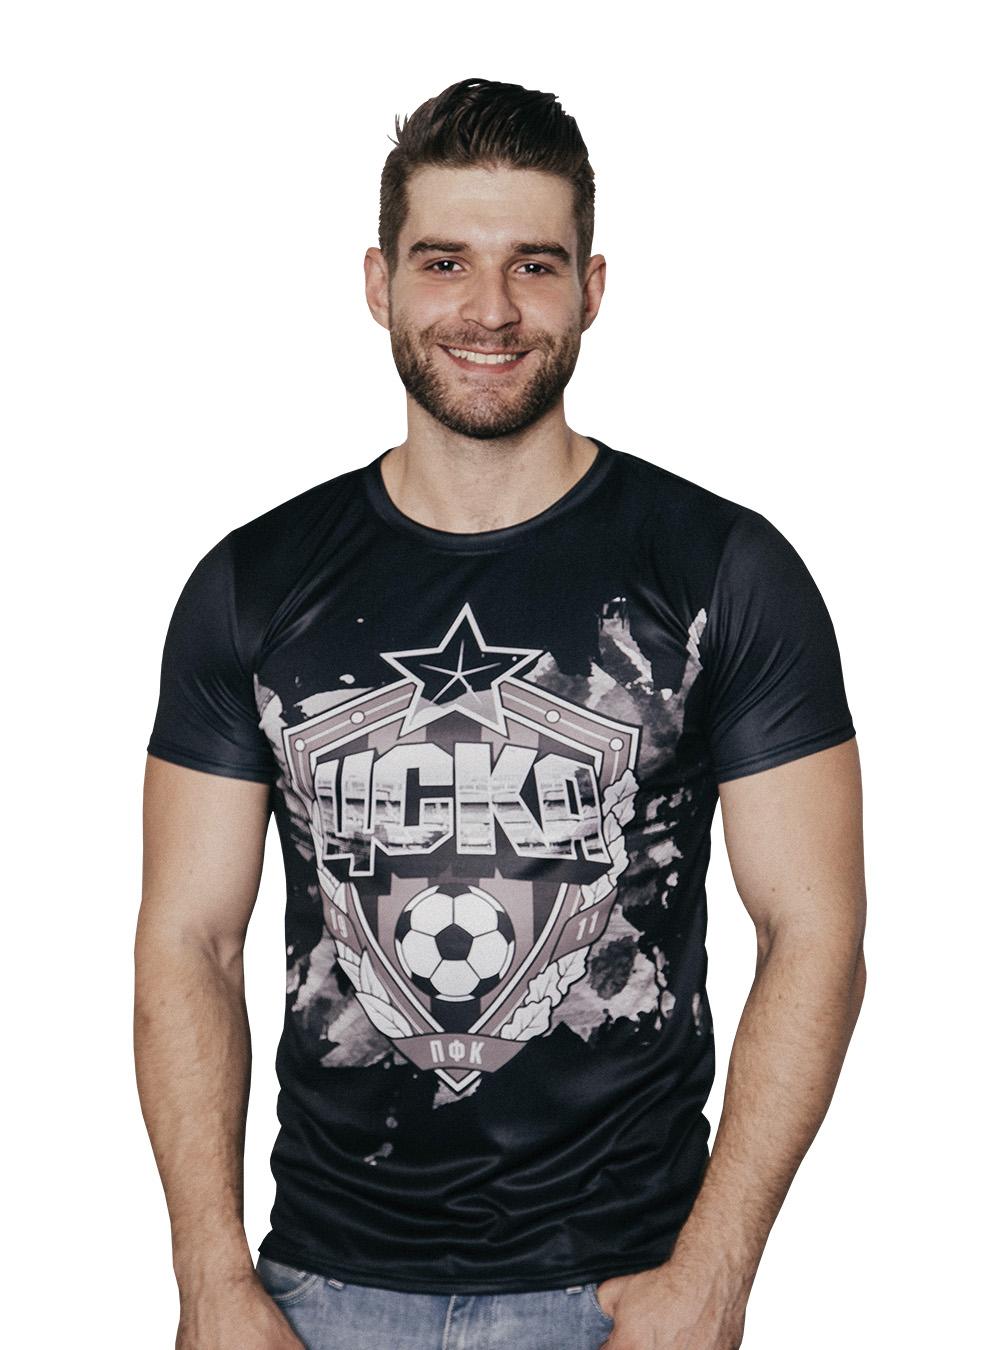 Купить Футболка мужская «Эмблема», цвет чёрный (XXL) по Нижнему Новгороду